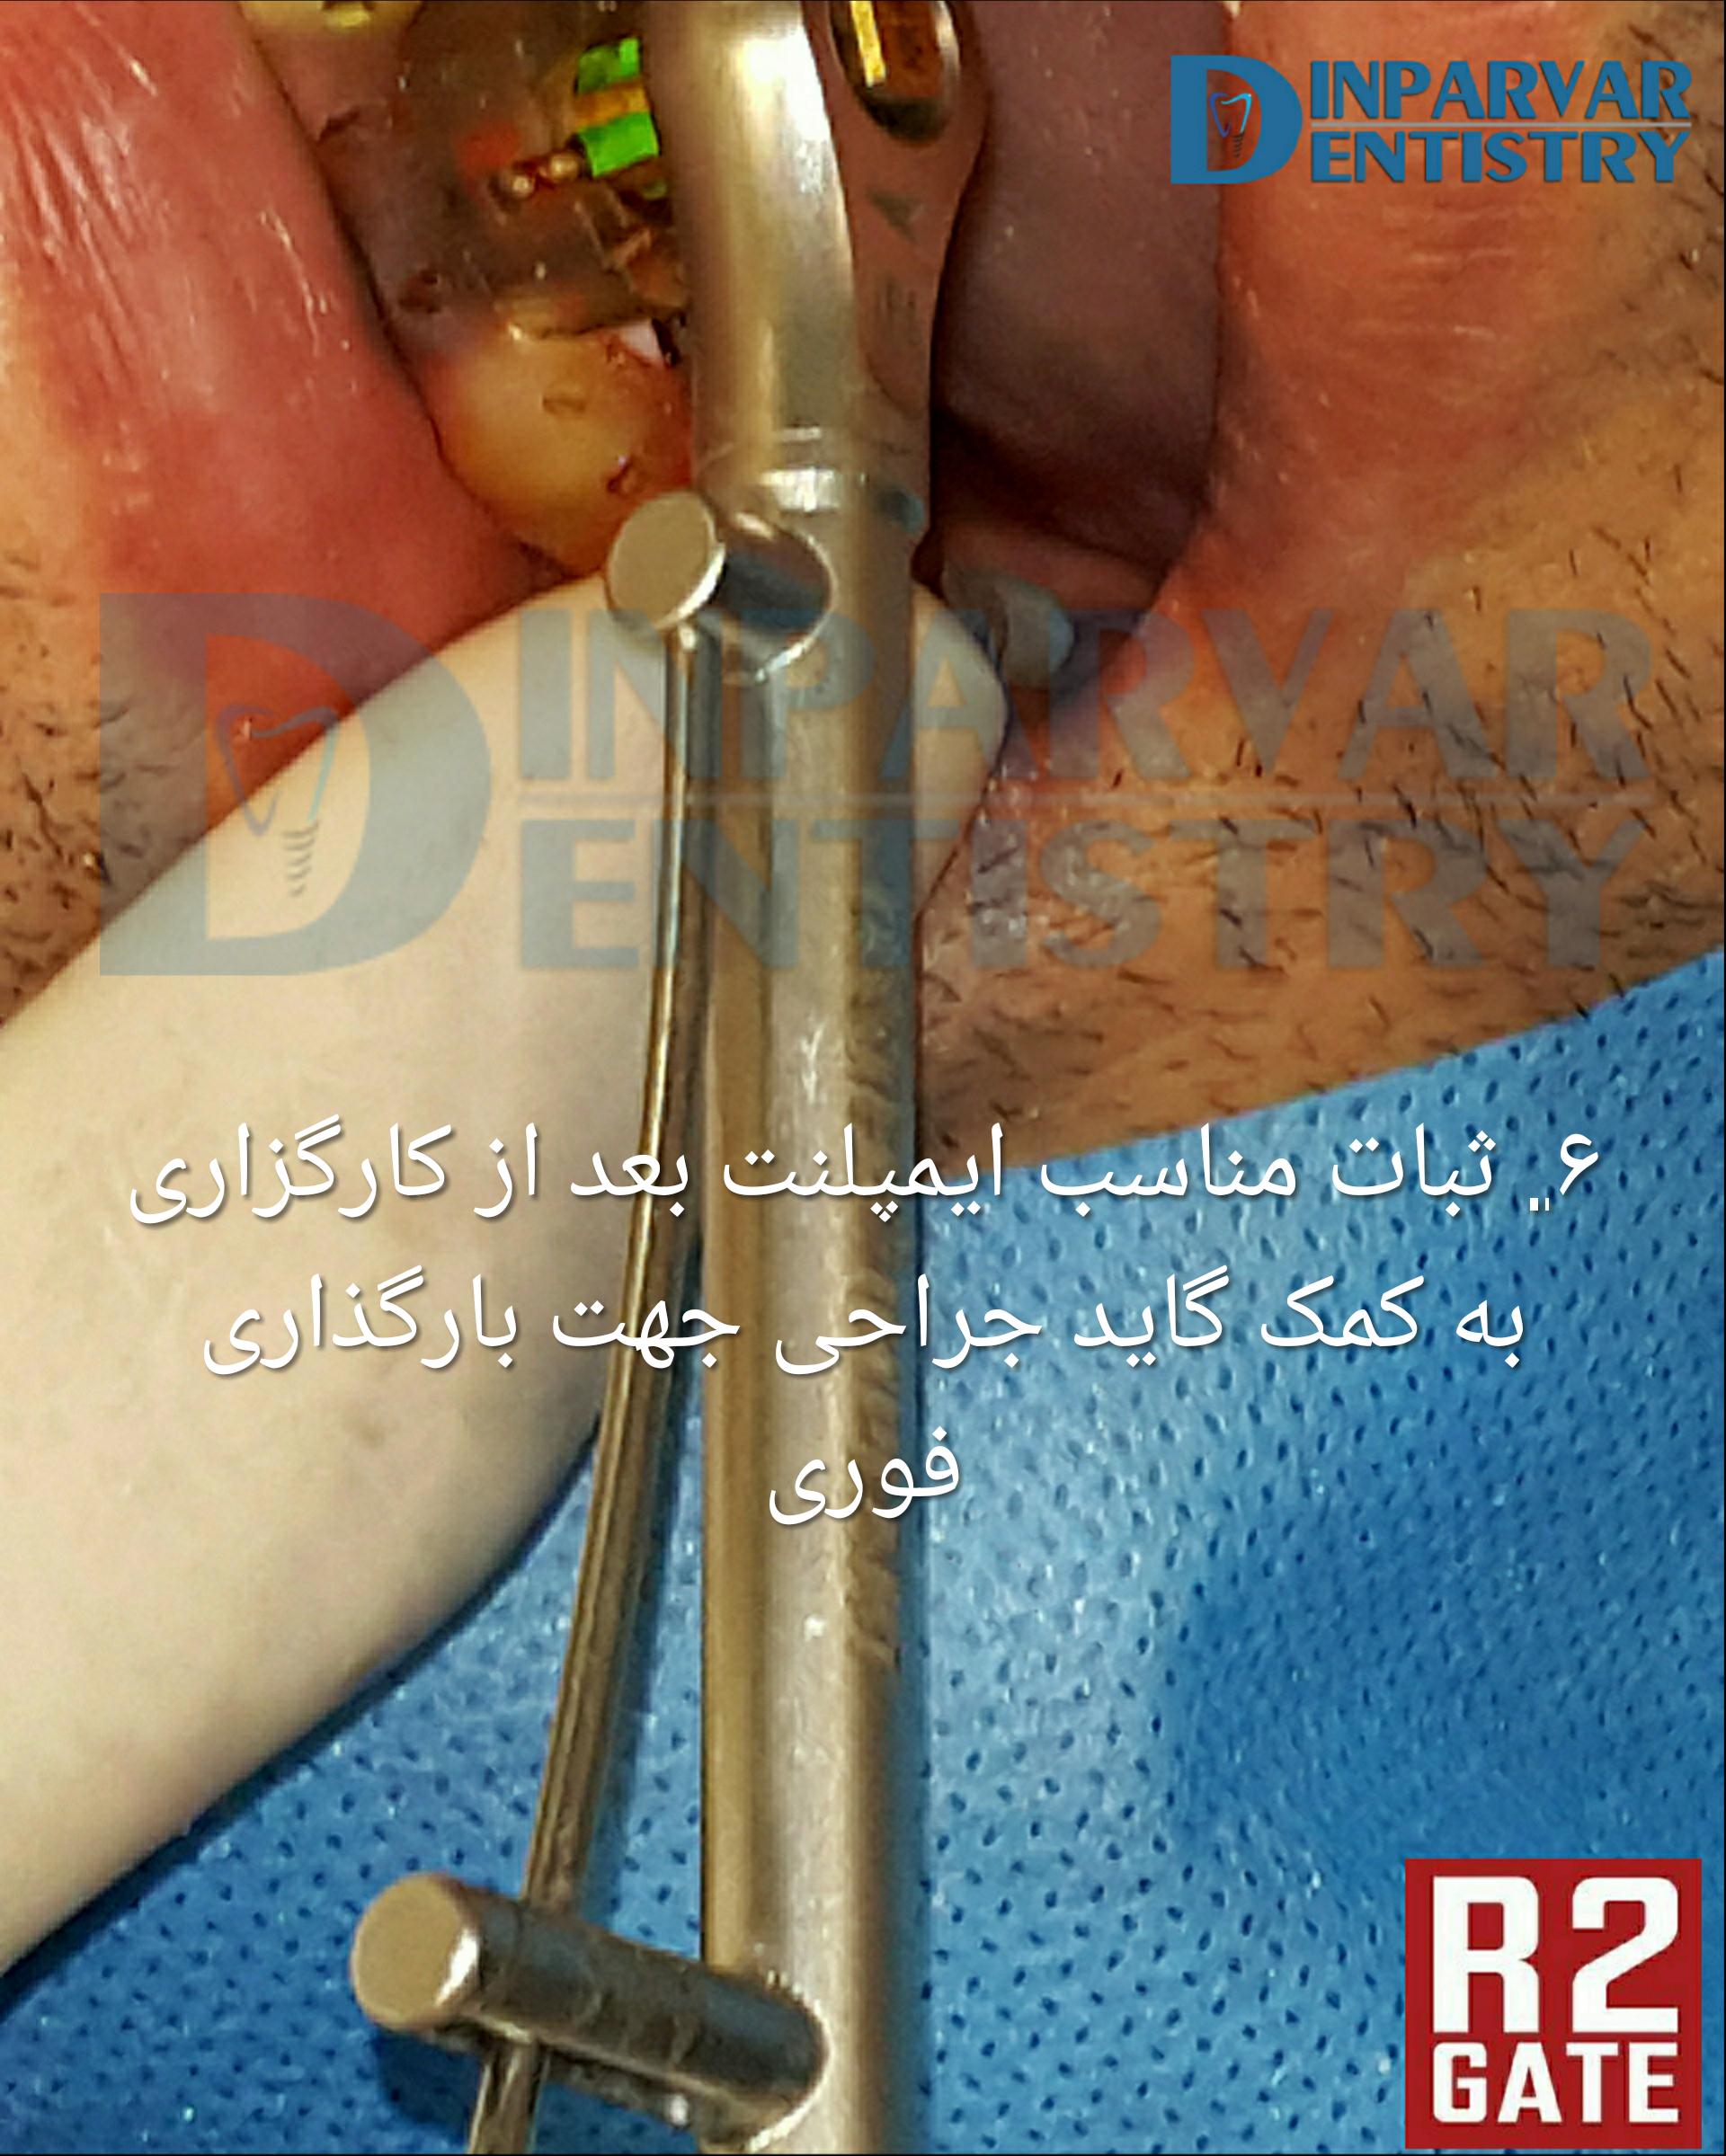 تصویر شش : درمان ایمپلنت یکروزه همزمان با خارج کردن دندان قدامی فک بالا